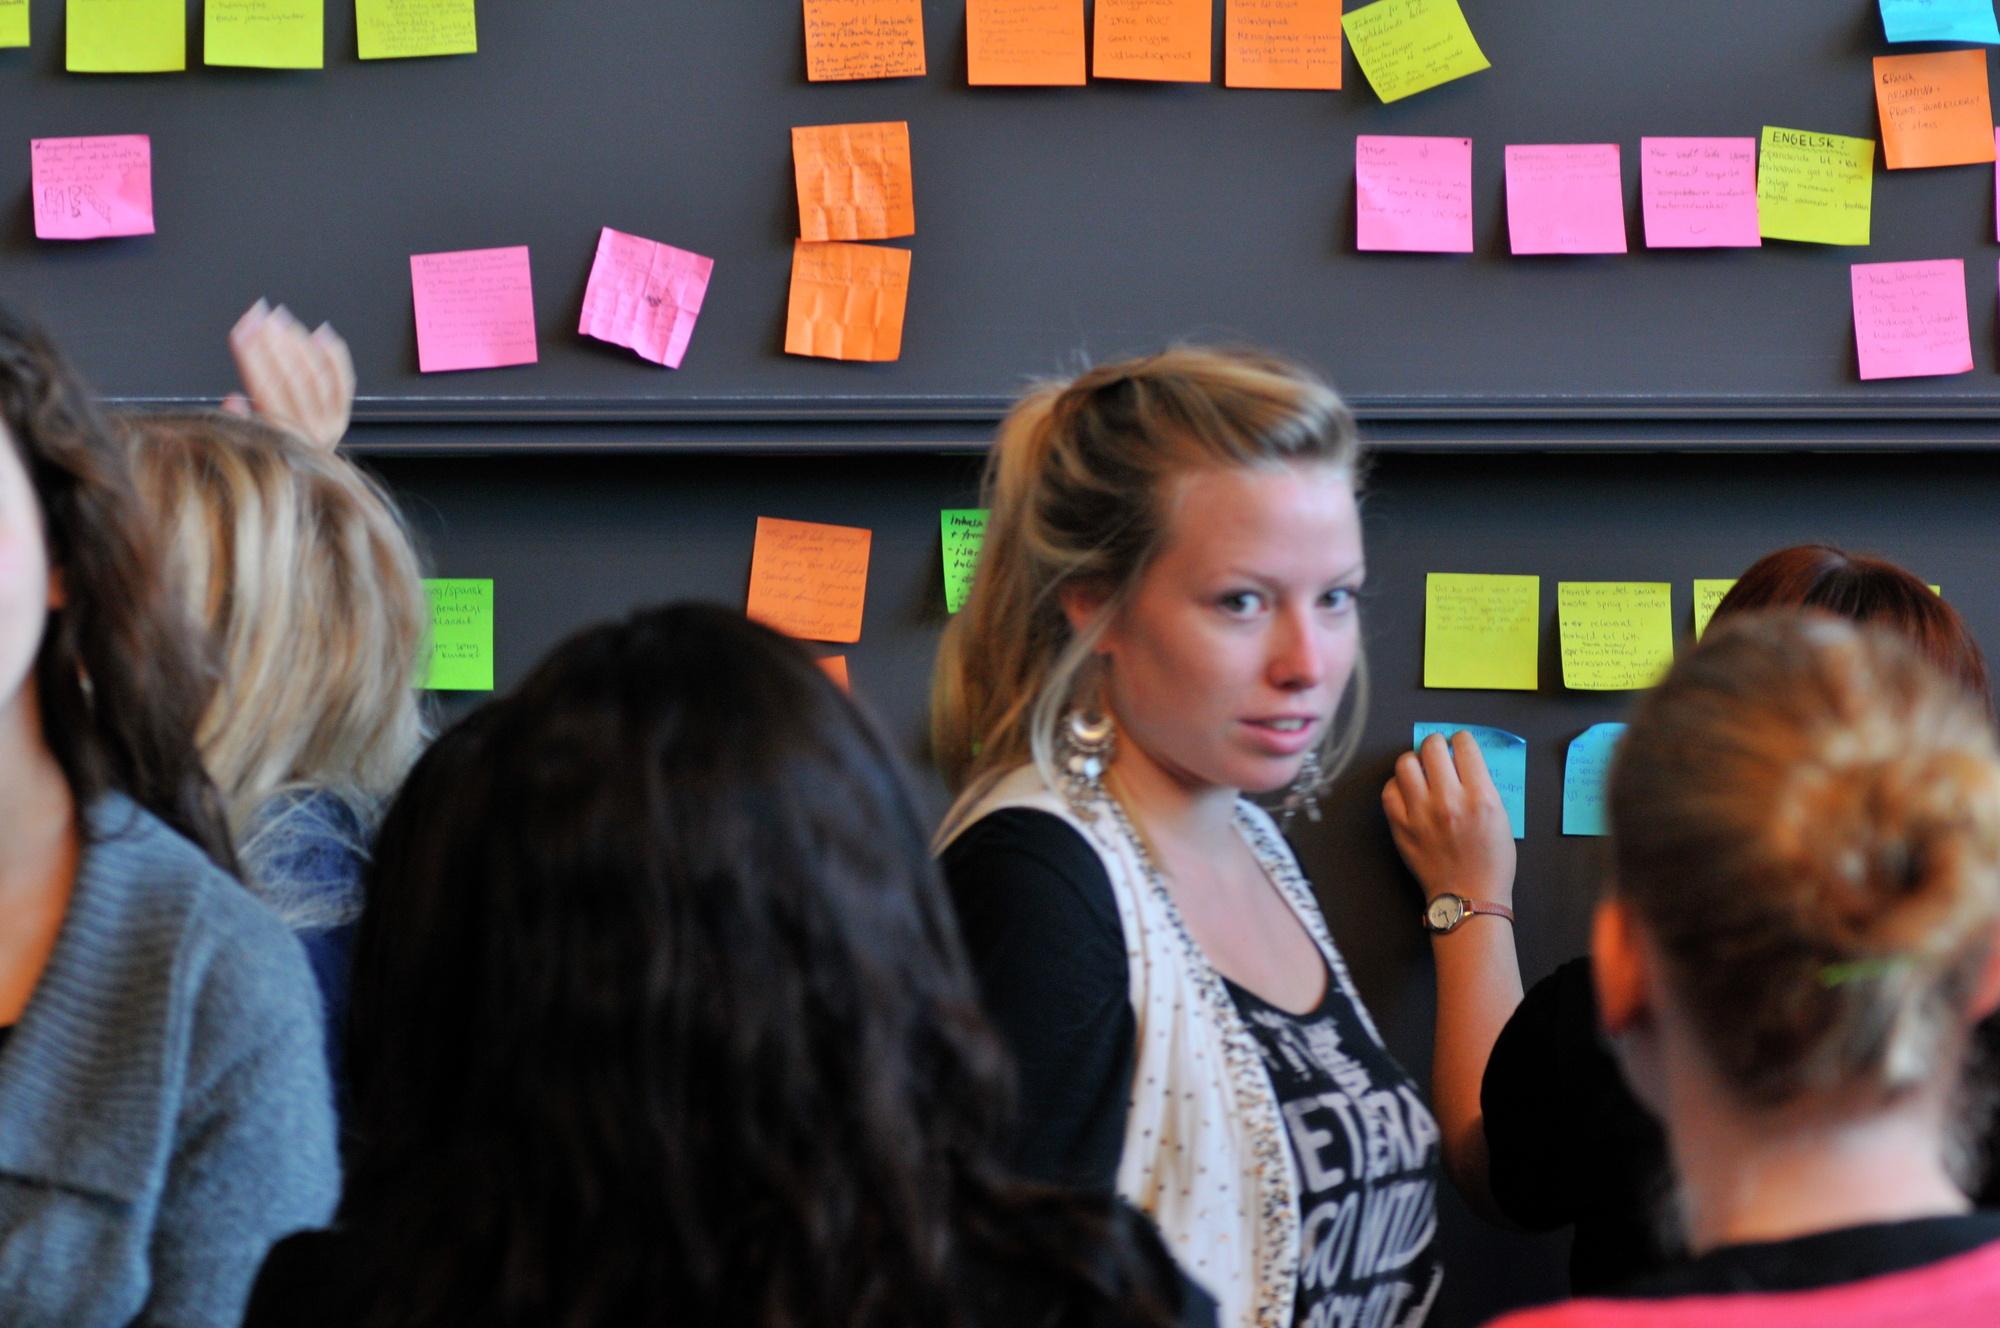 Sommerskole på humaniora - foto: Anne Trap-Lind